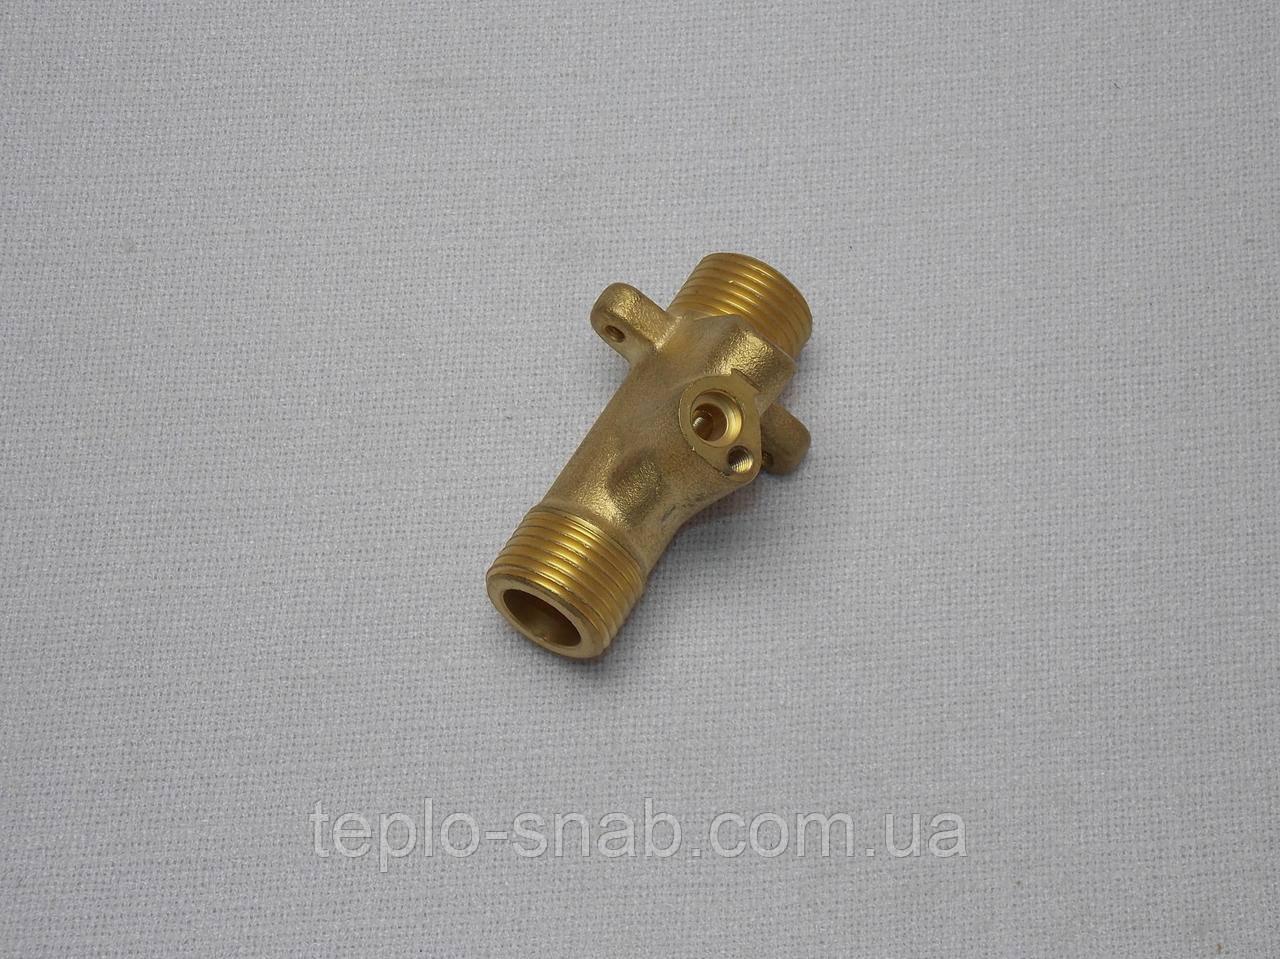 Ліва гідравлічна група (вузол подпидки) газового котла Solly H Standart (турбированная версія) 4700990155